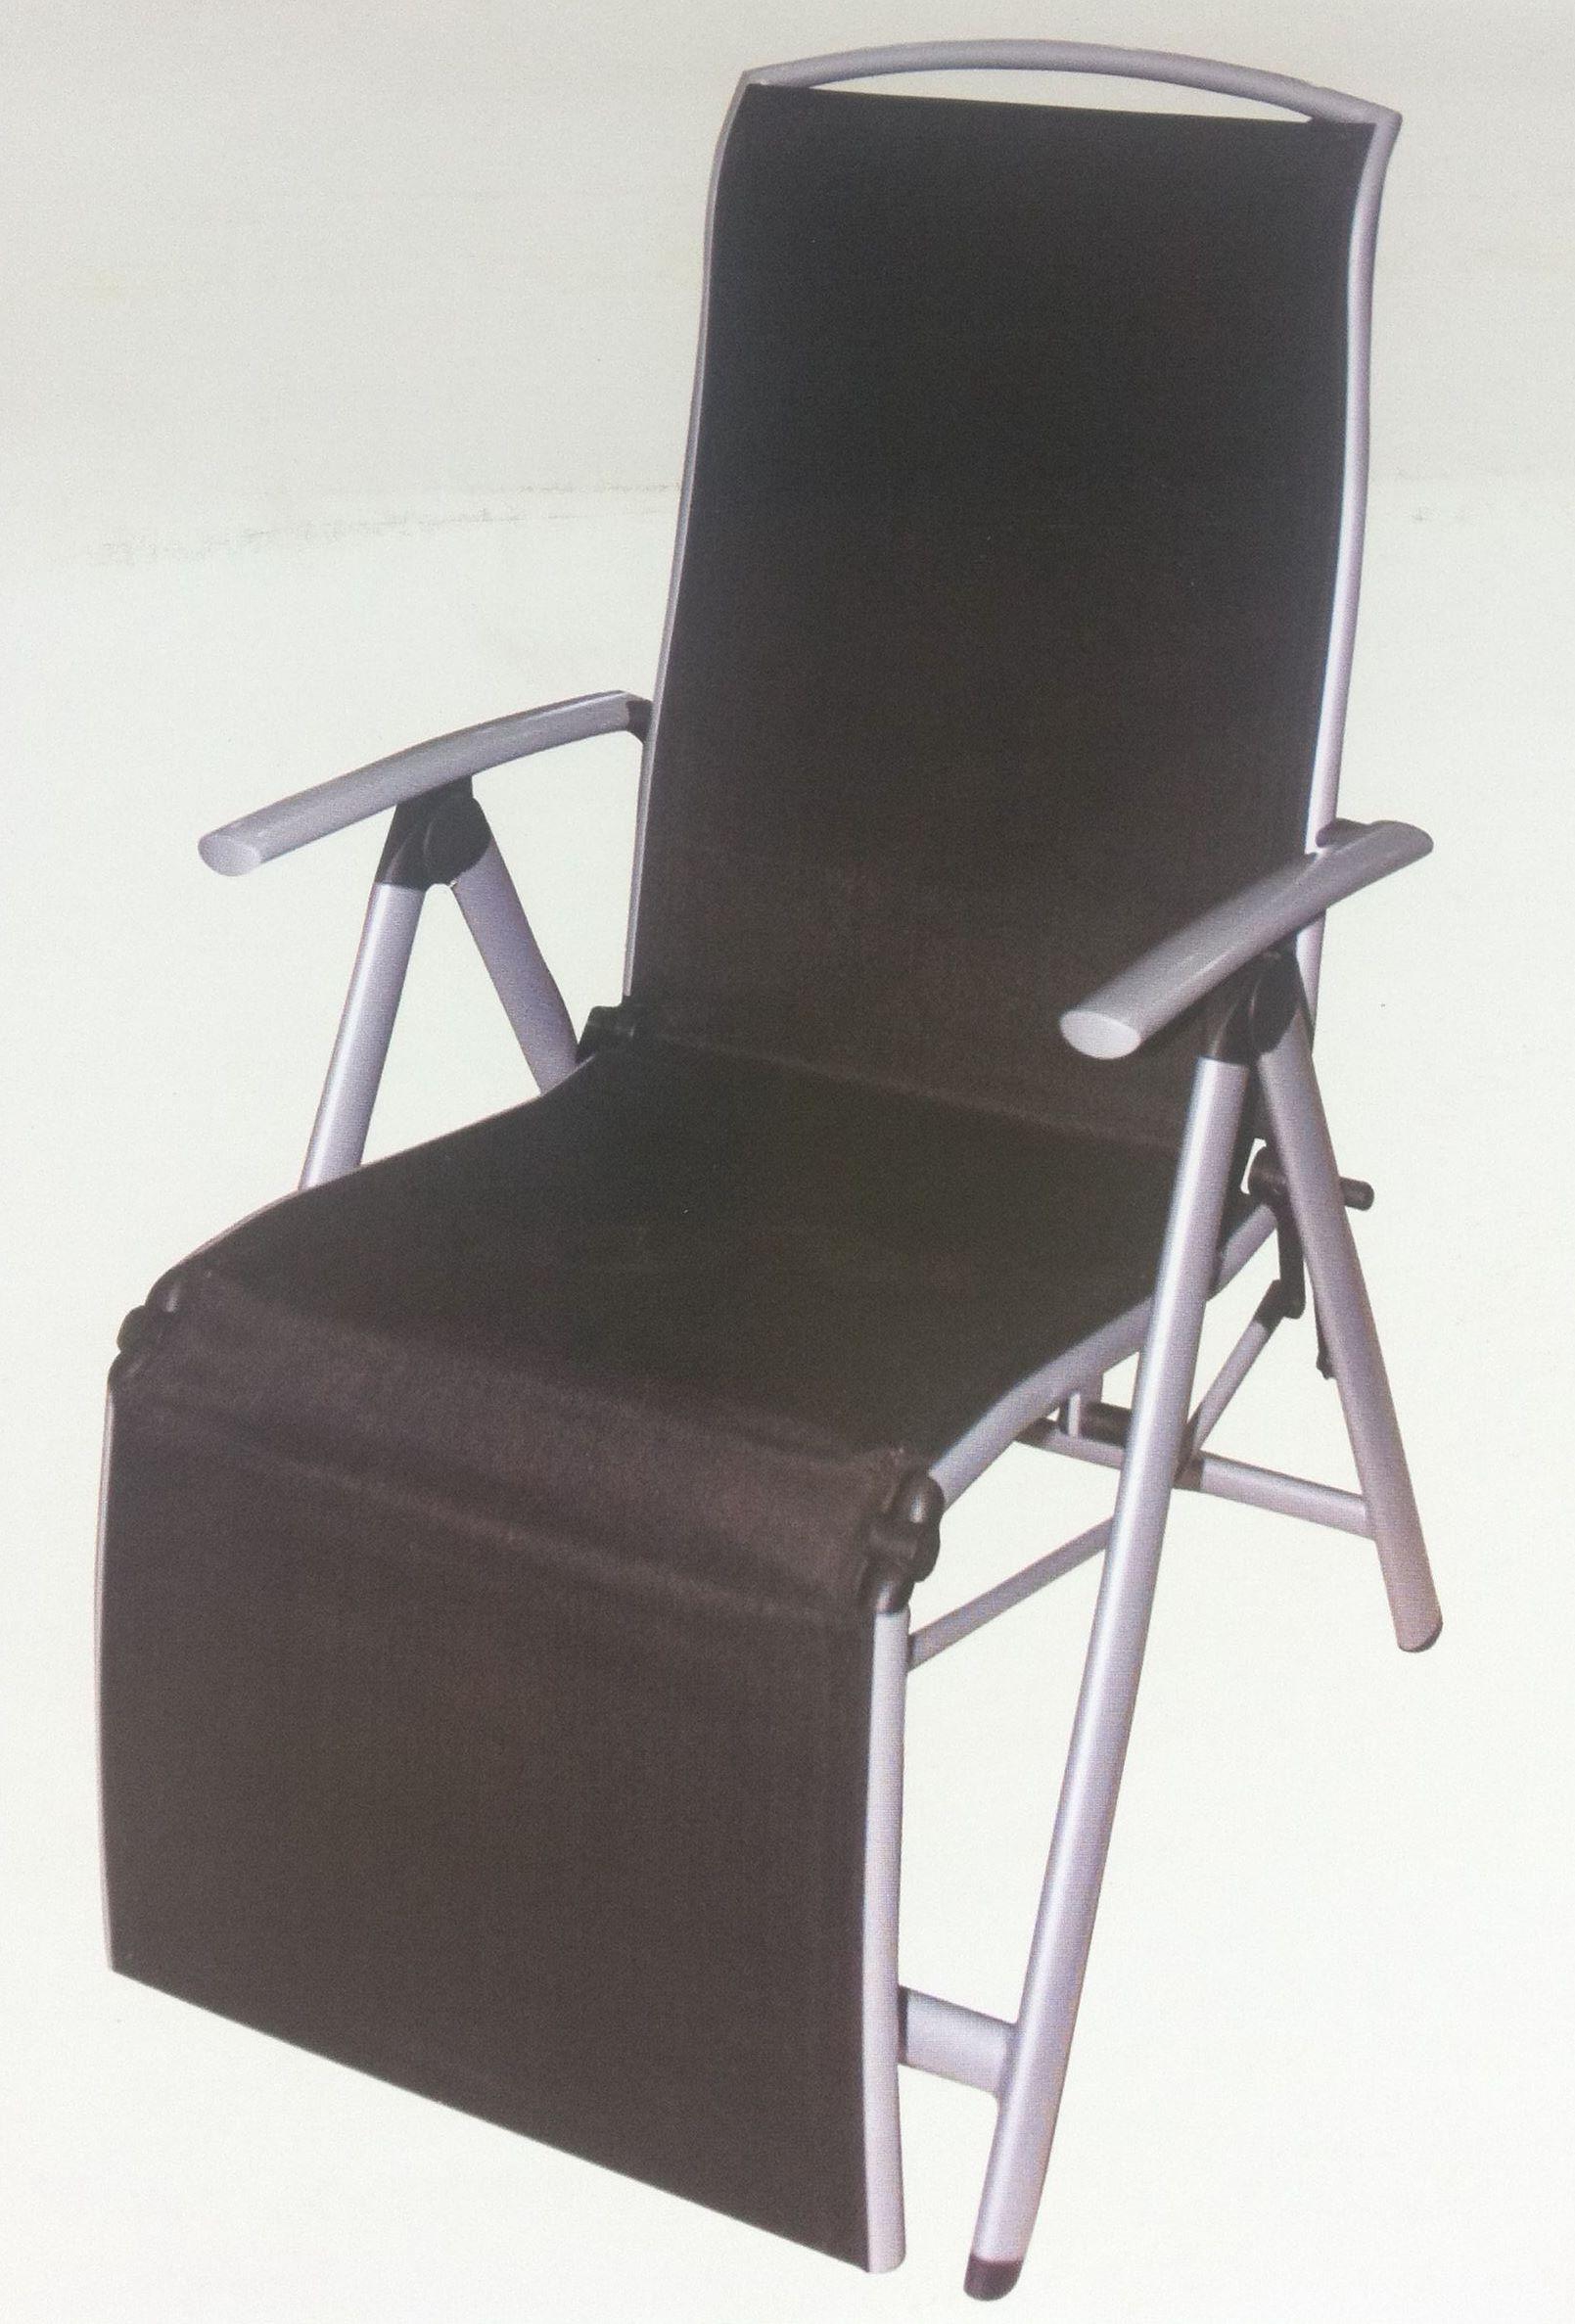 reclining deck chair asda lounge umbrella sun lounger garden relaxer patio